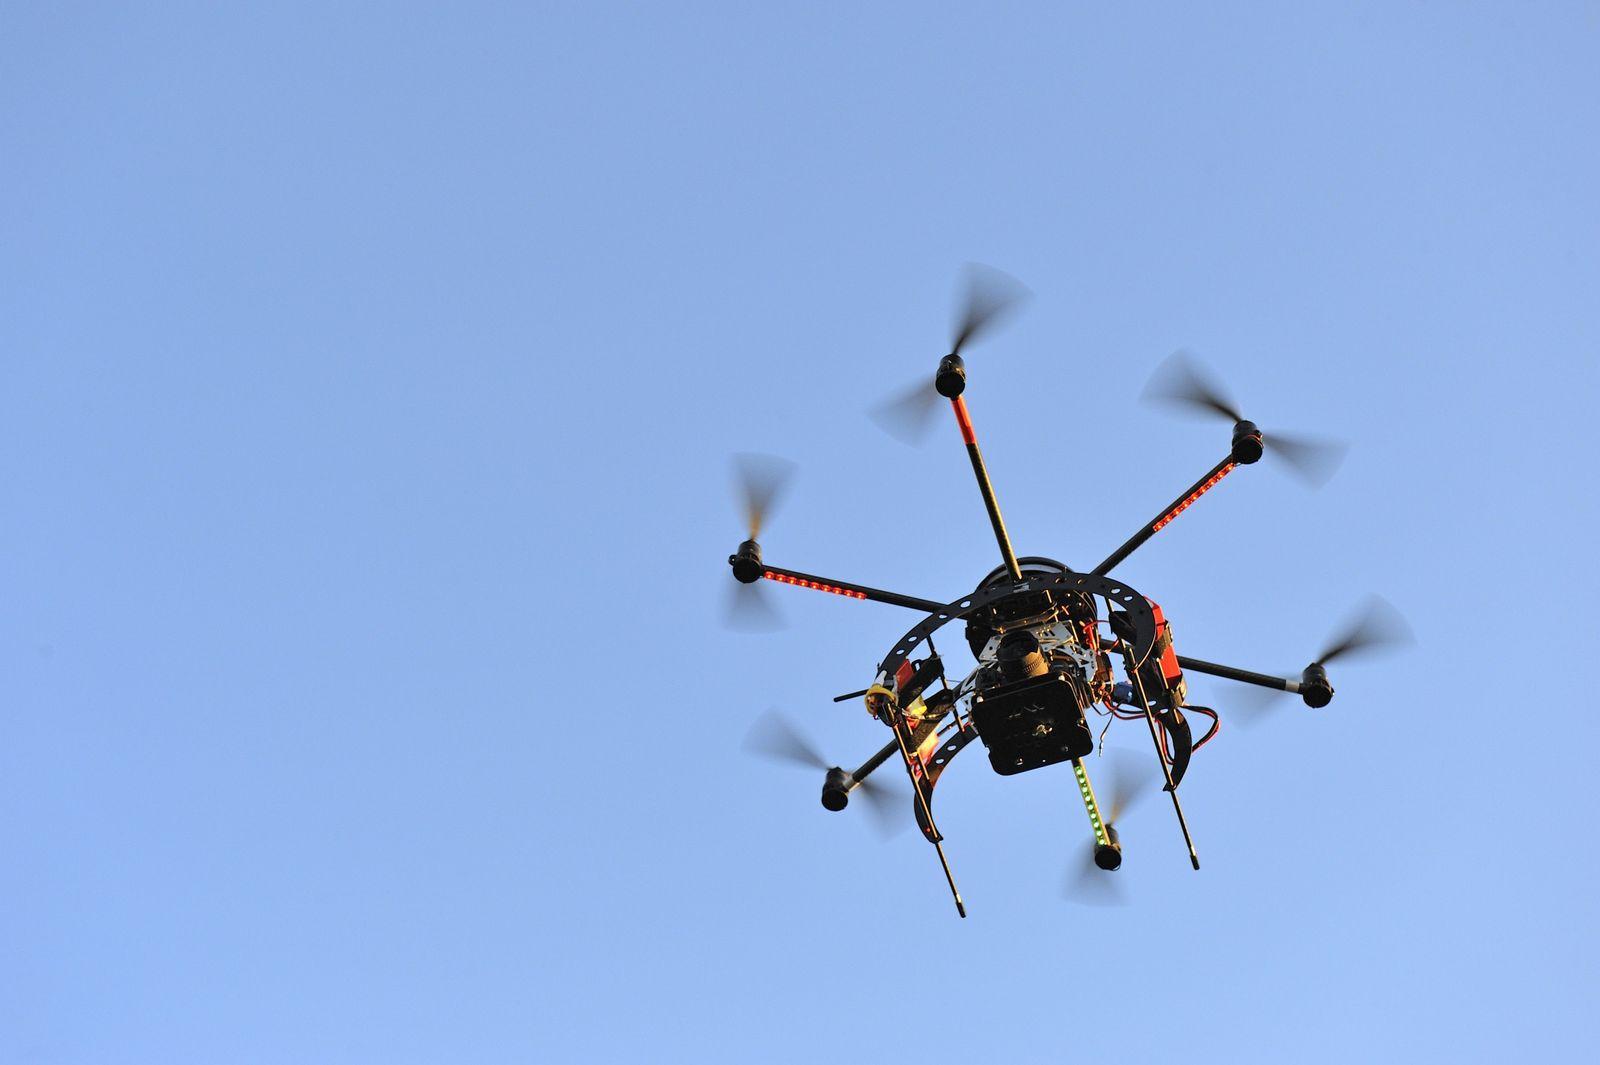 NICHT MEHR VERWENDEN! - Symbolbild Drohne / Fotodrohne / Ultraleichtdrohne